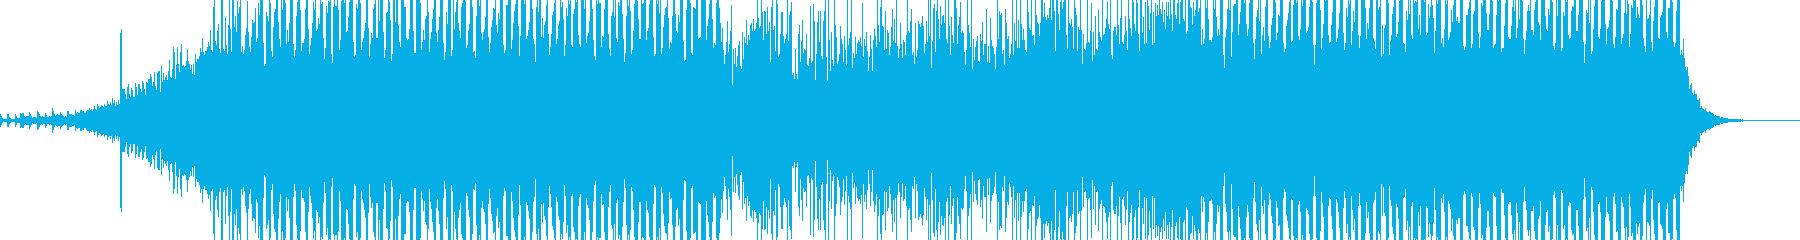 ミディアムで明るいEDM風ポップス曲の再生済みの波形